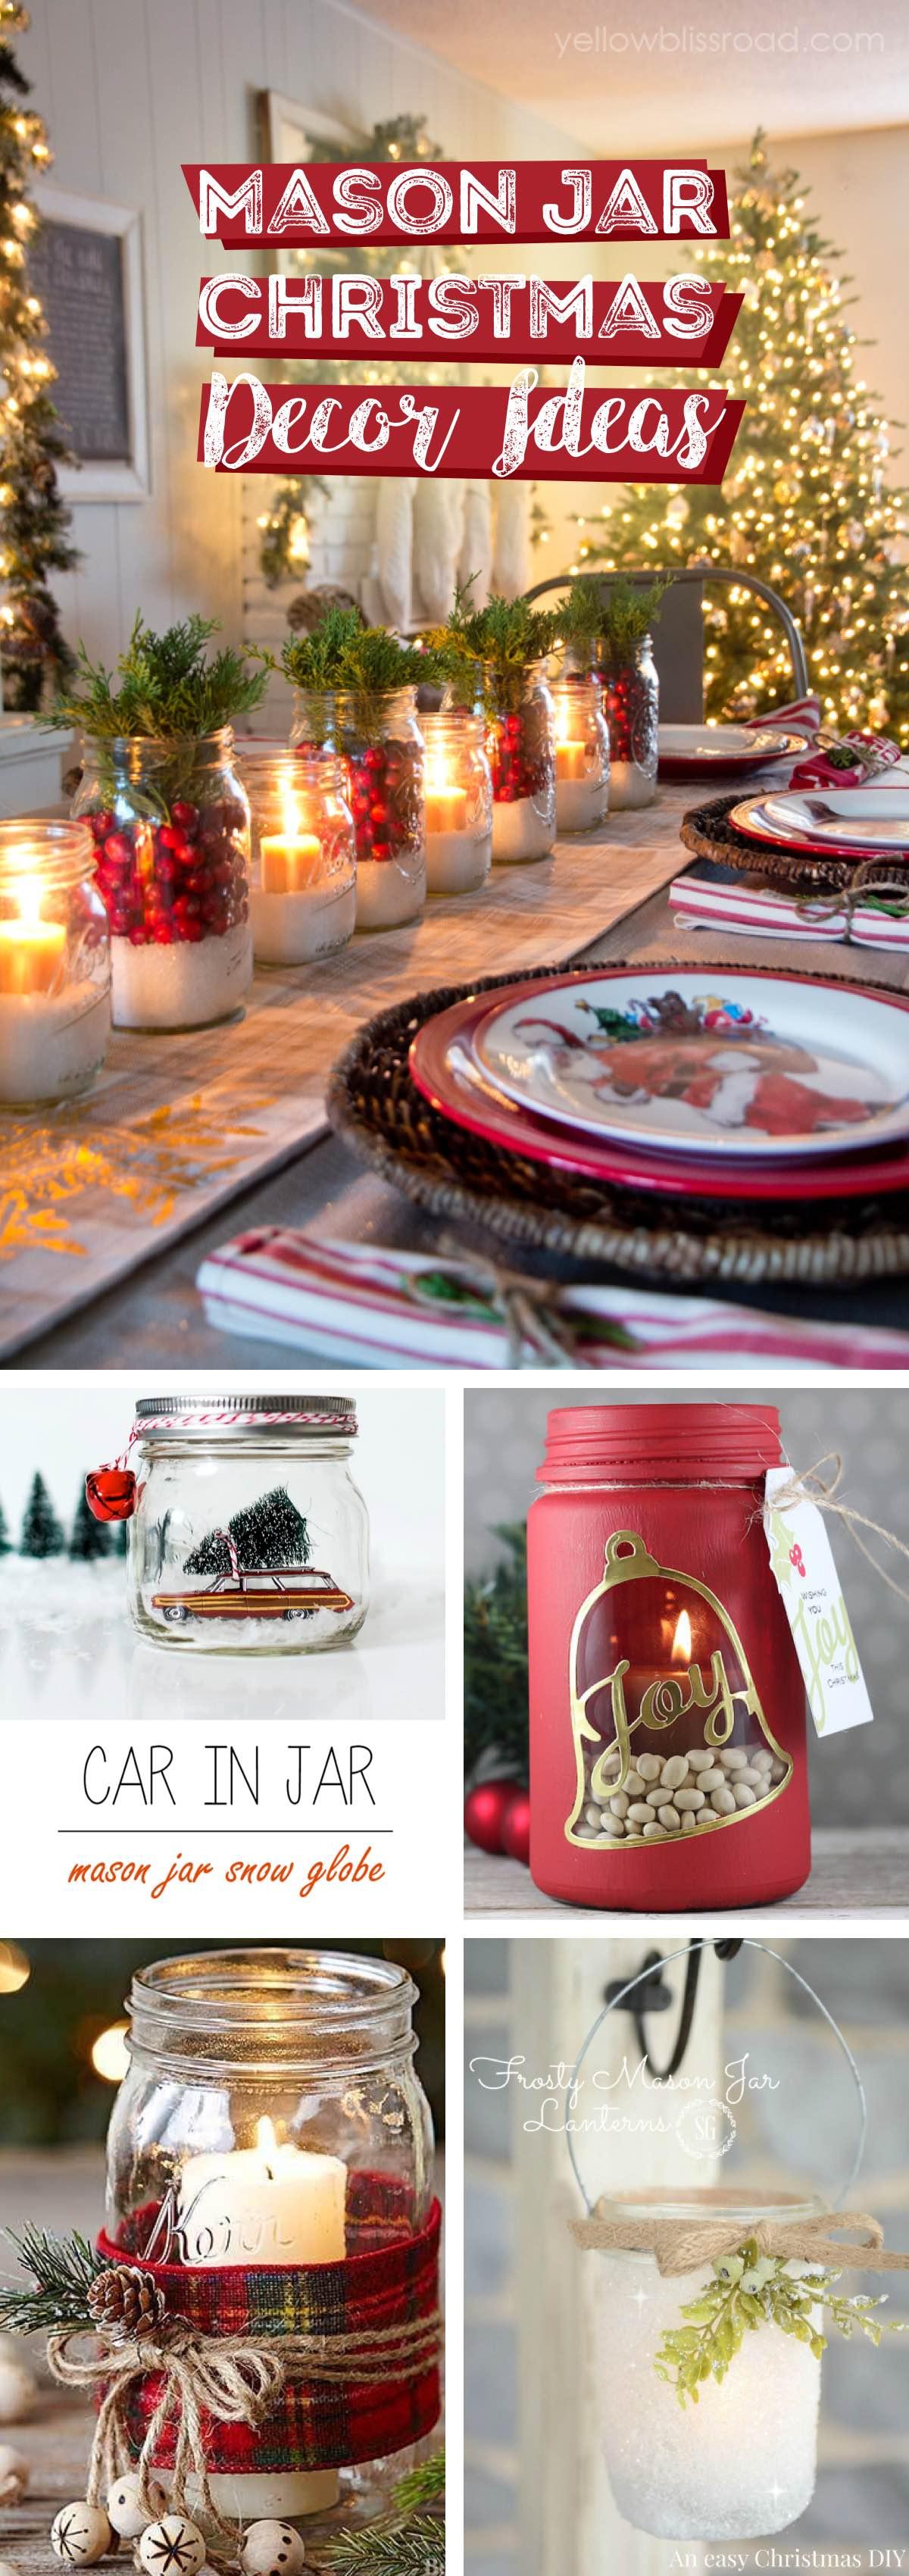 Mason Jar Christmas Decor Ideas